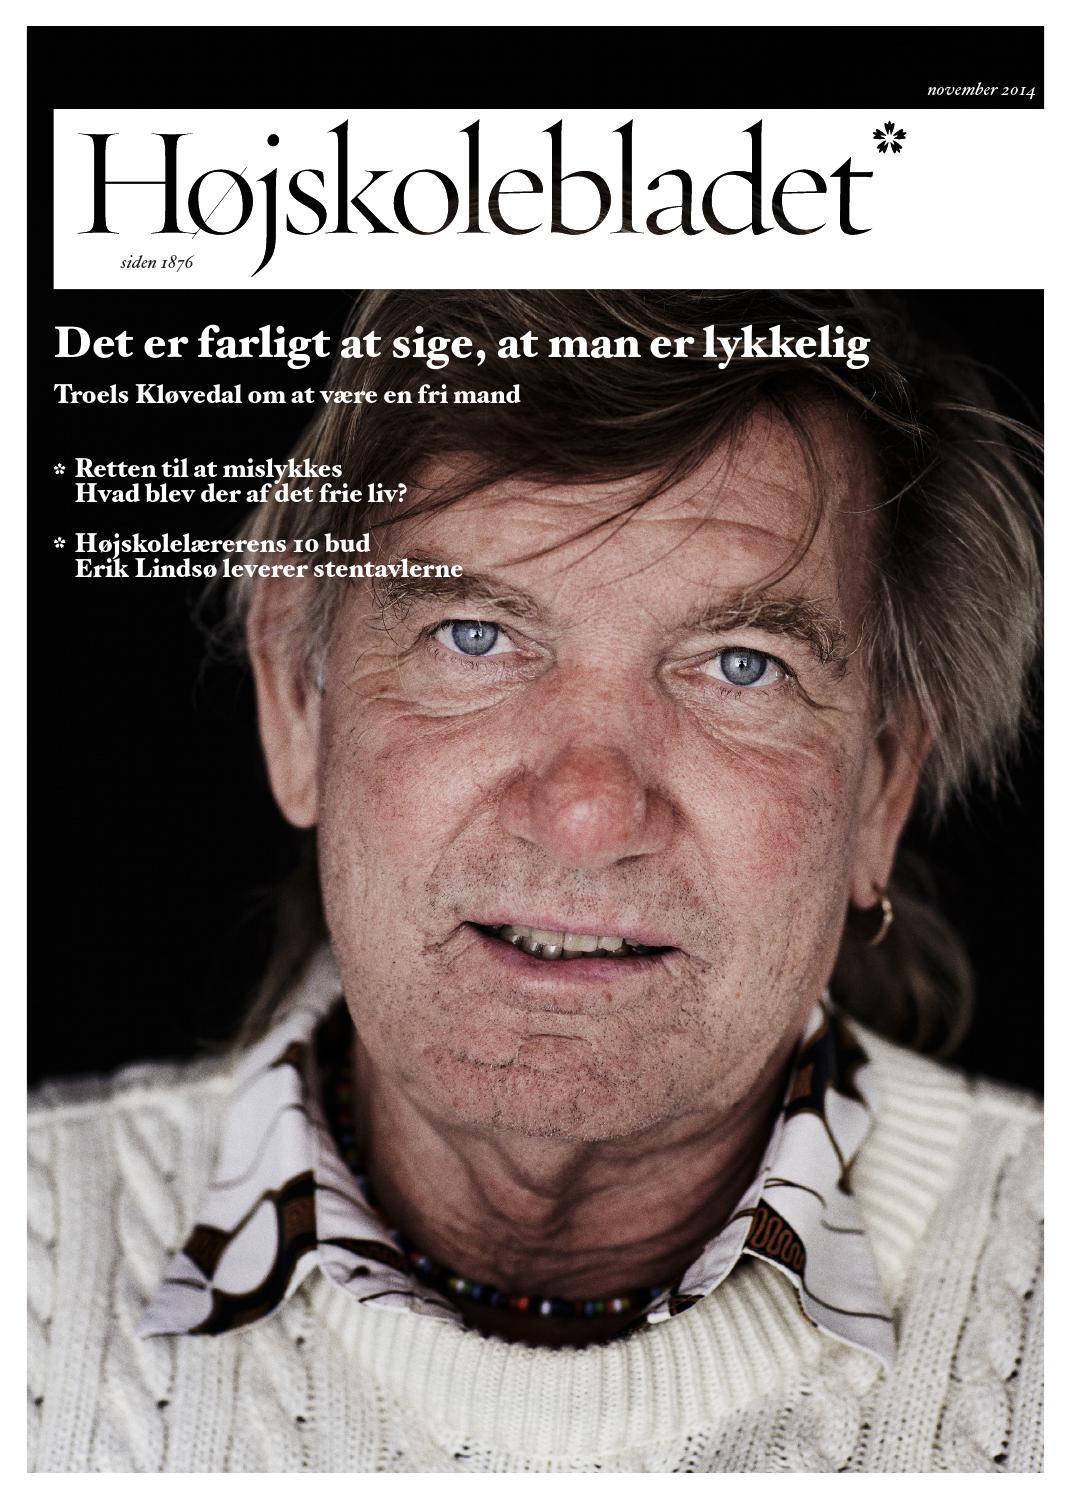 på nett dating for gifte mænd yngre 50 i hørsholm